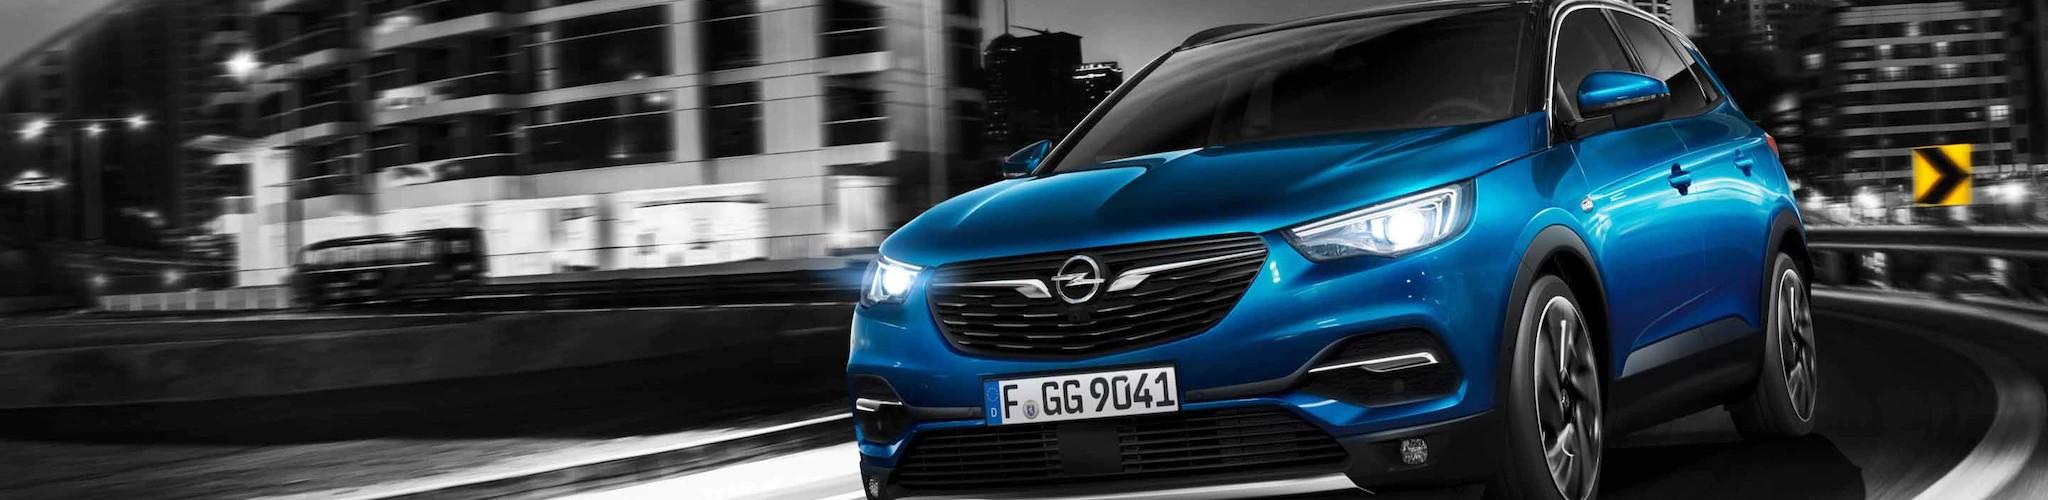 Opel Grandland X Exterior 2